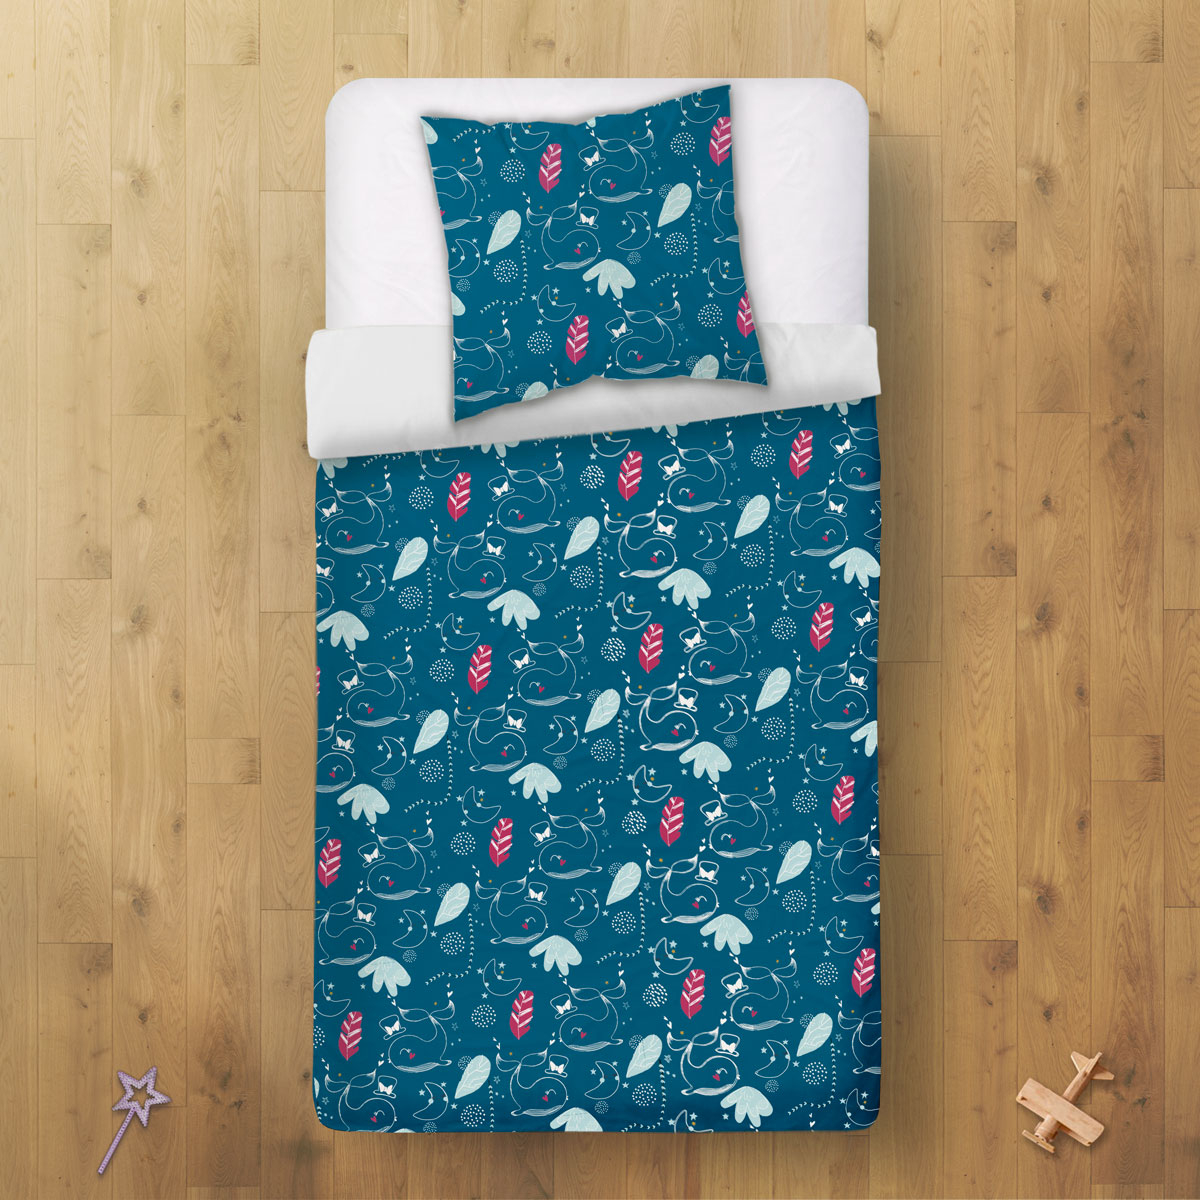 Housse de couette enfant + taie d'oreiller Bulle (140 x 200 cm) dos